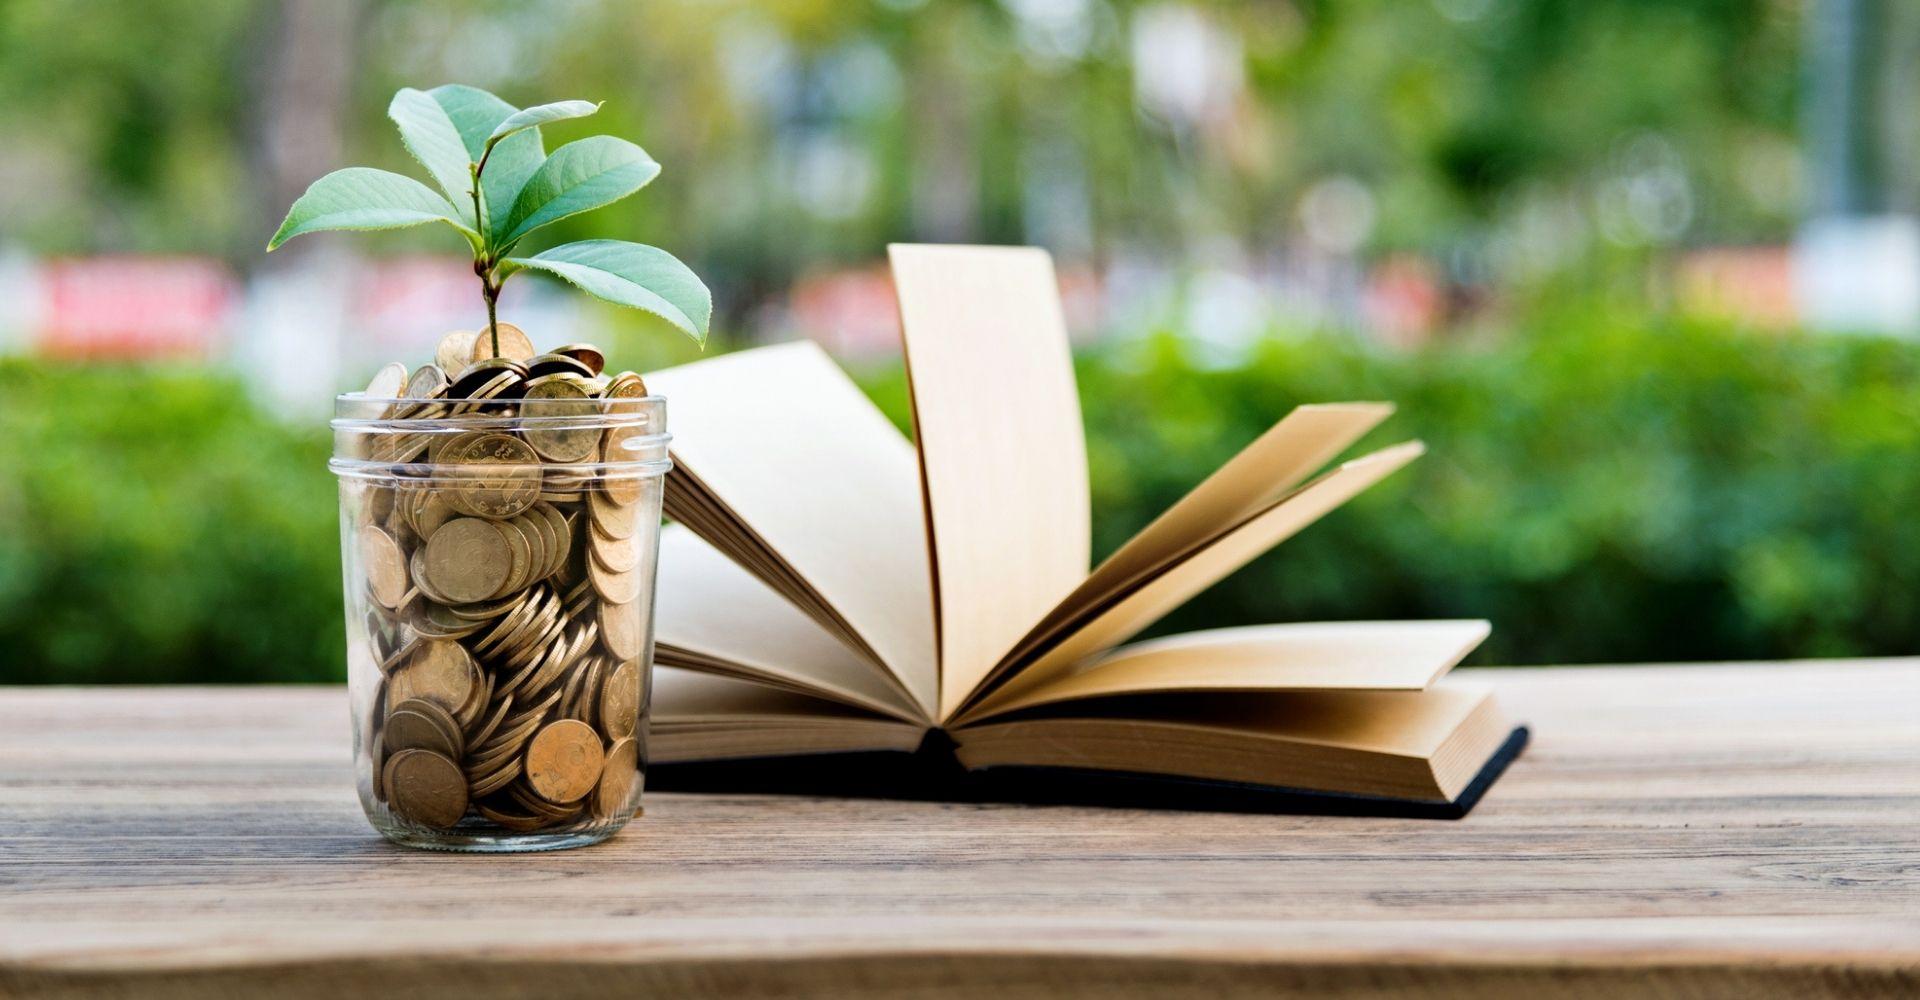 Libri per imparare a far quadrare i conti (in particolare al rientro dalle vacanze…)